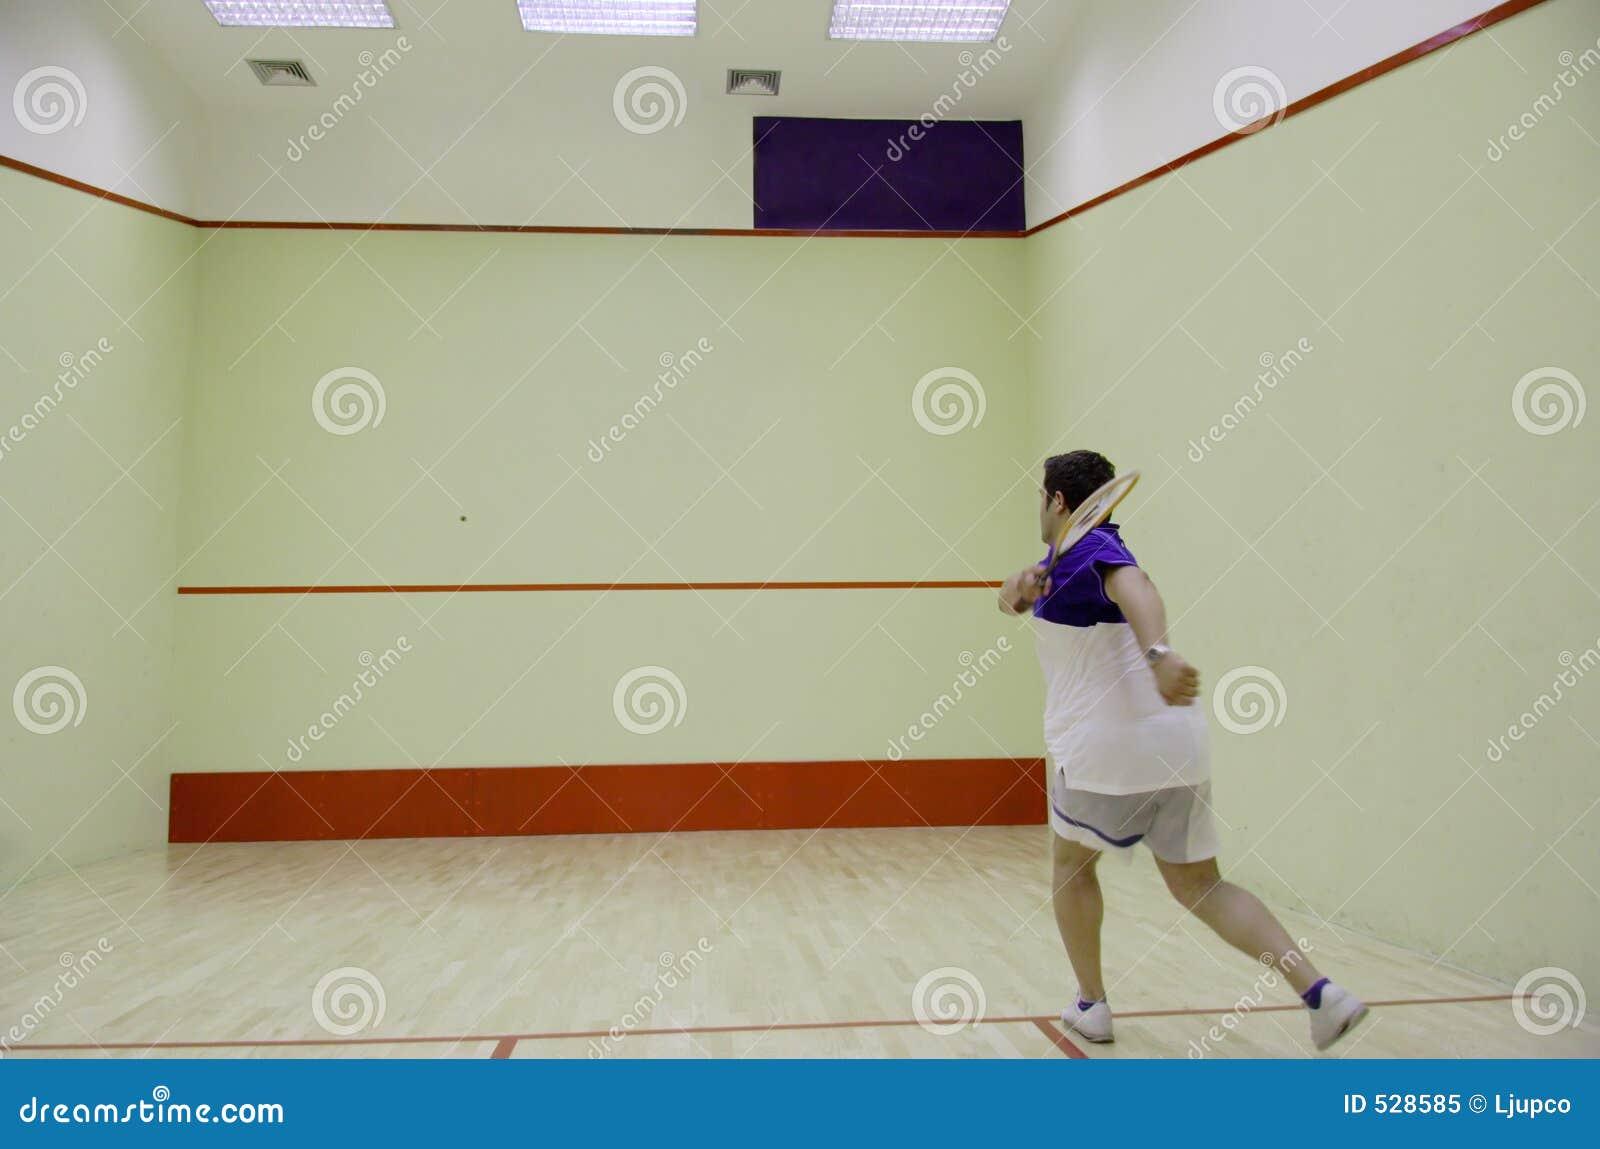 Download 打墙网球的人员 库存图片. 图片 包括有 适应, 健康, 工作成绩, 符合, 活动家, 竹子, 室内, 线路 - 528585